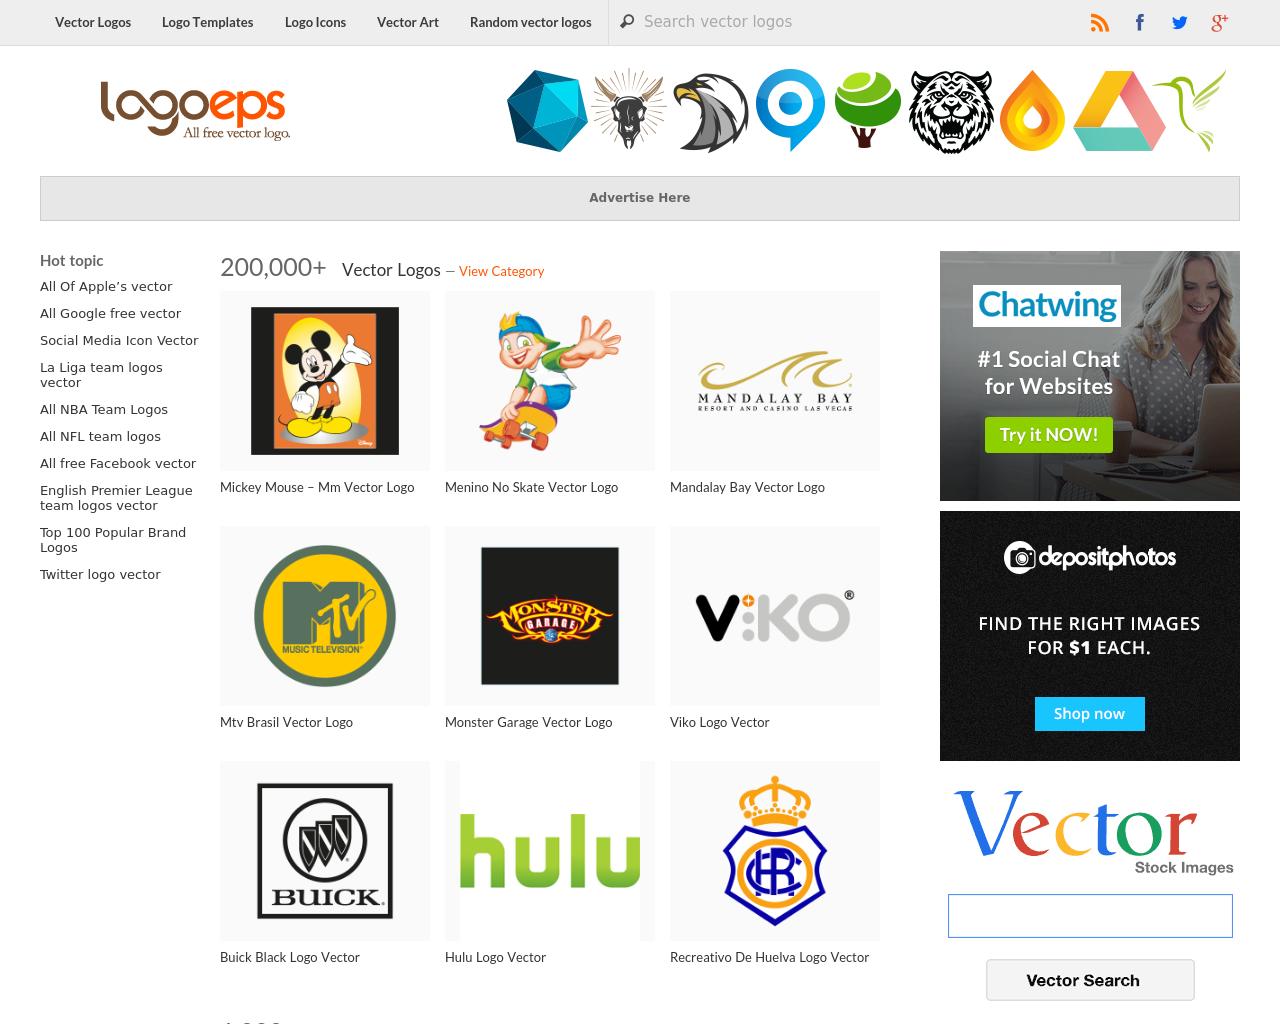 Logoeps-Advertising-Reviews-Pricing